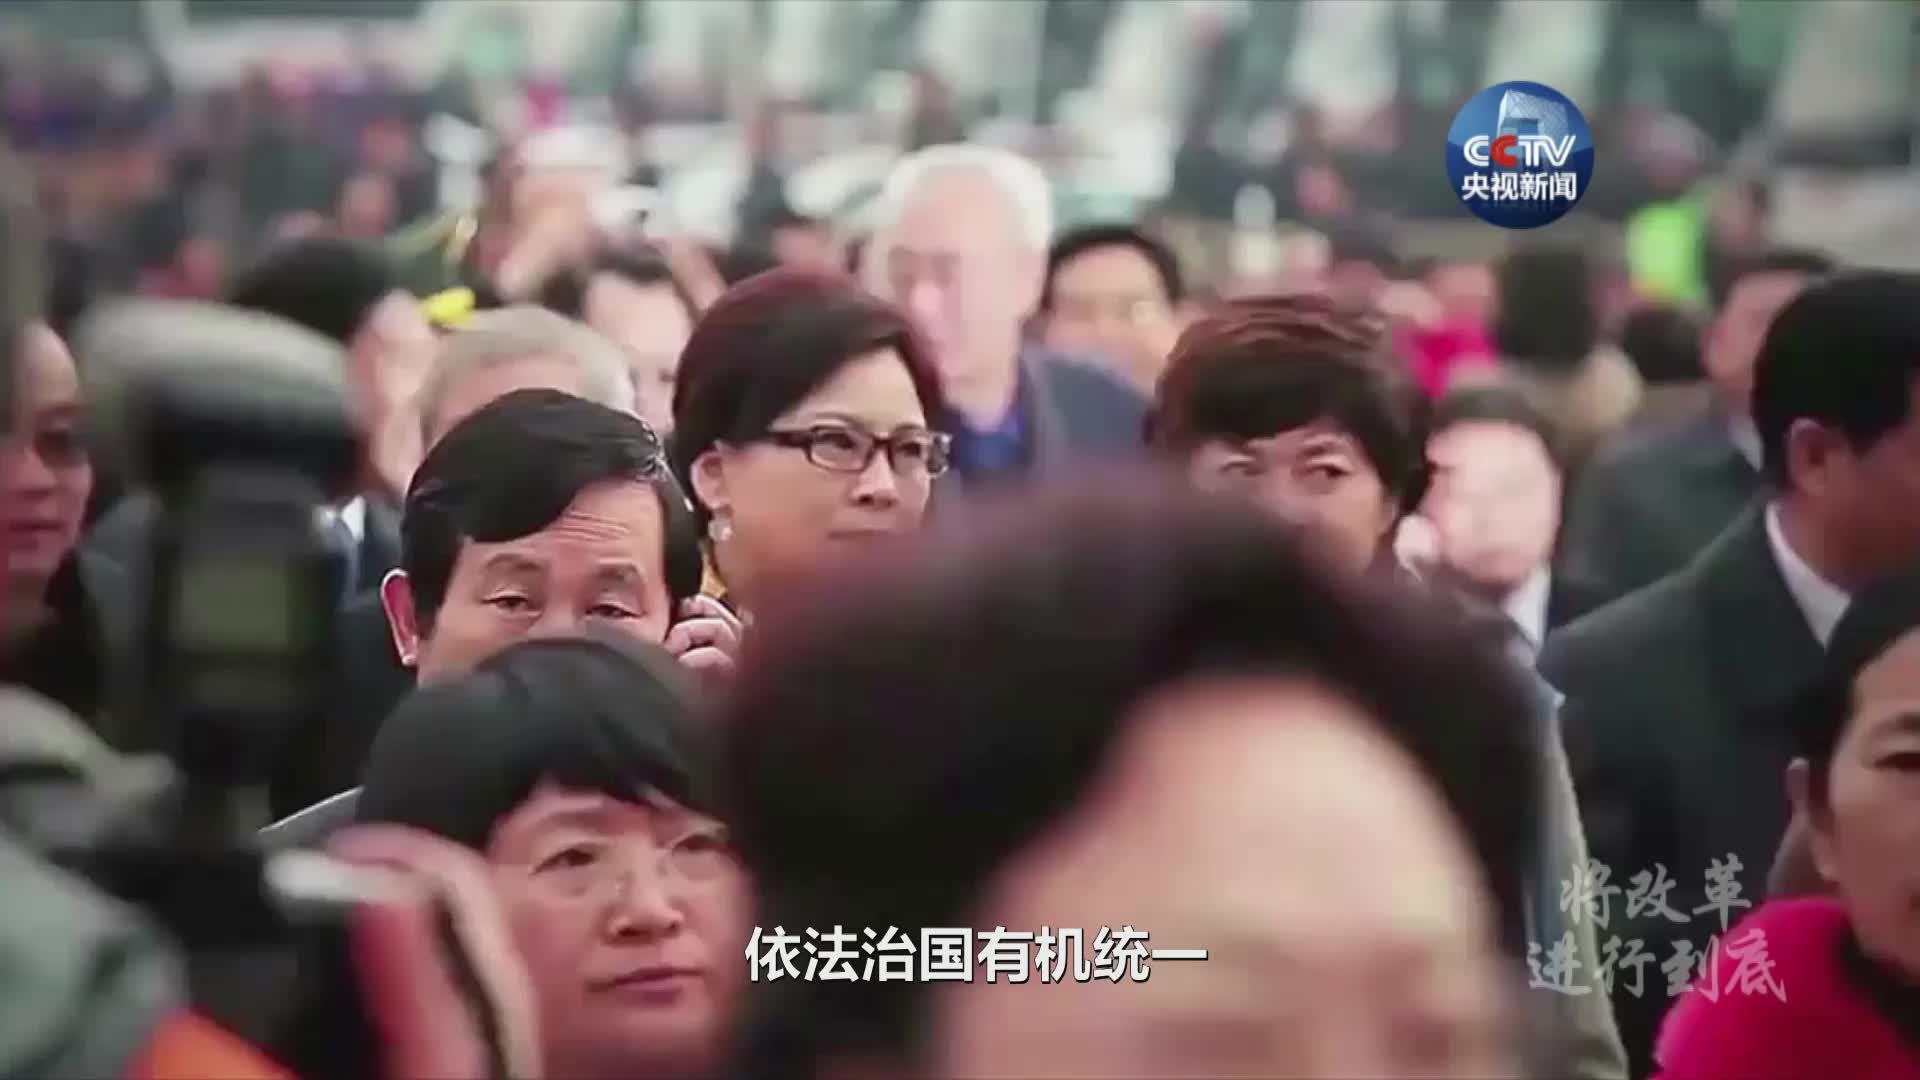 《将改革进行到底》第三集《人民民主新境界》速览